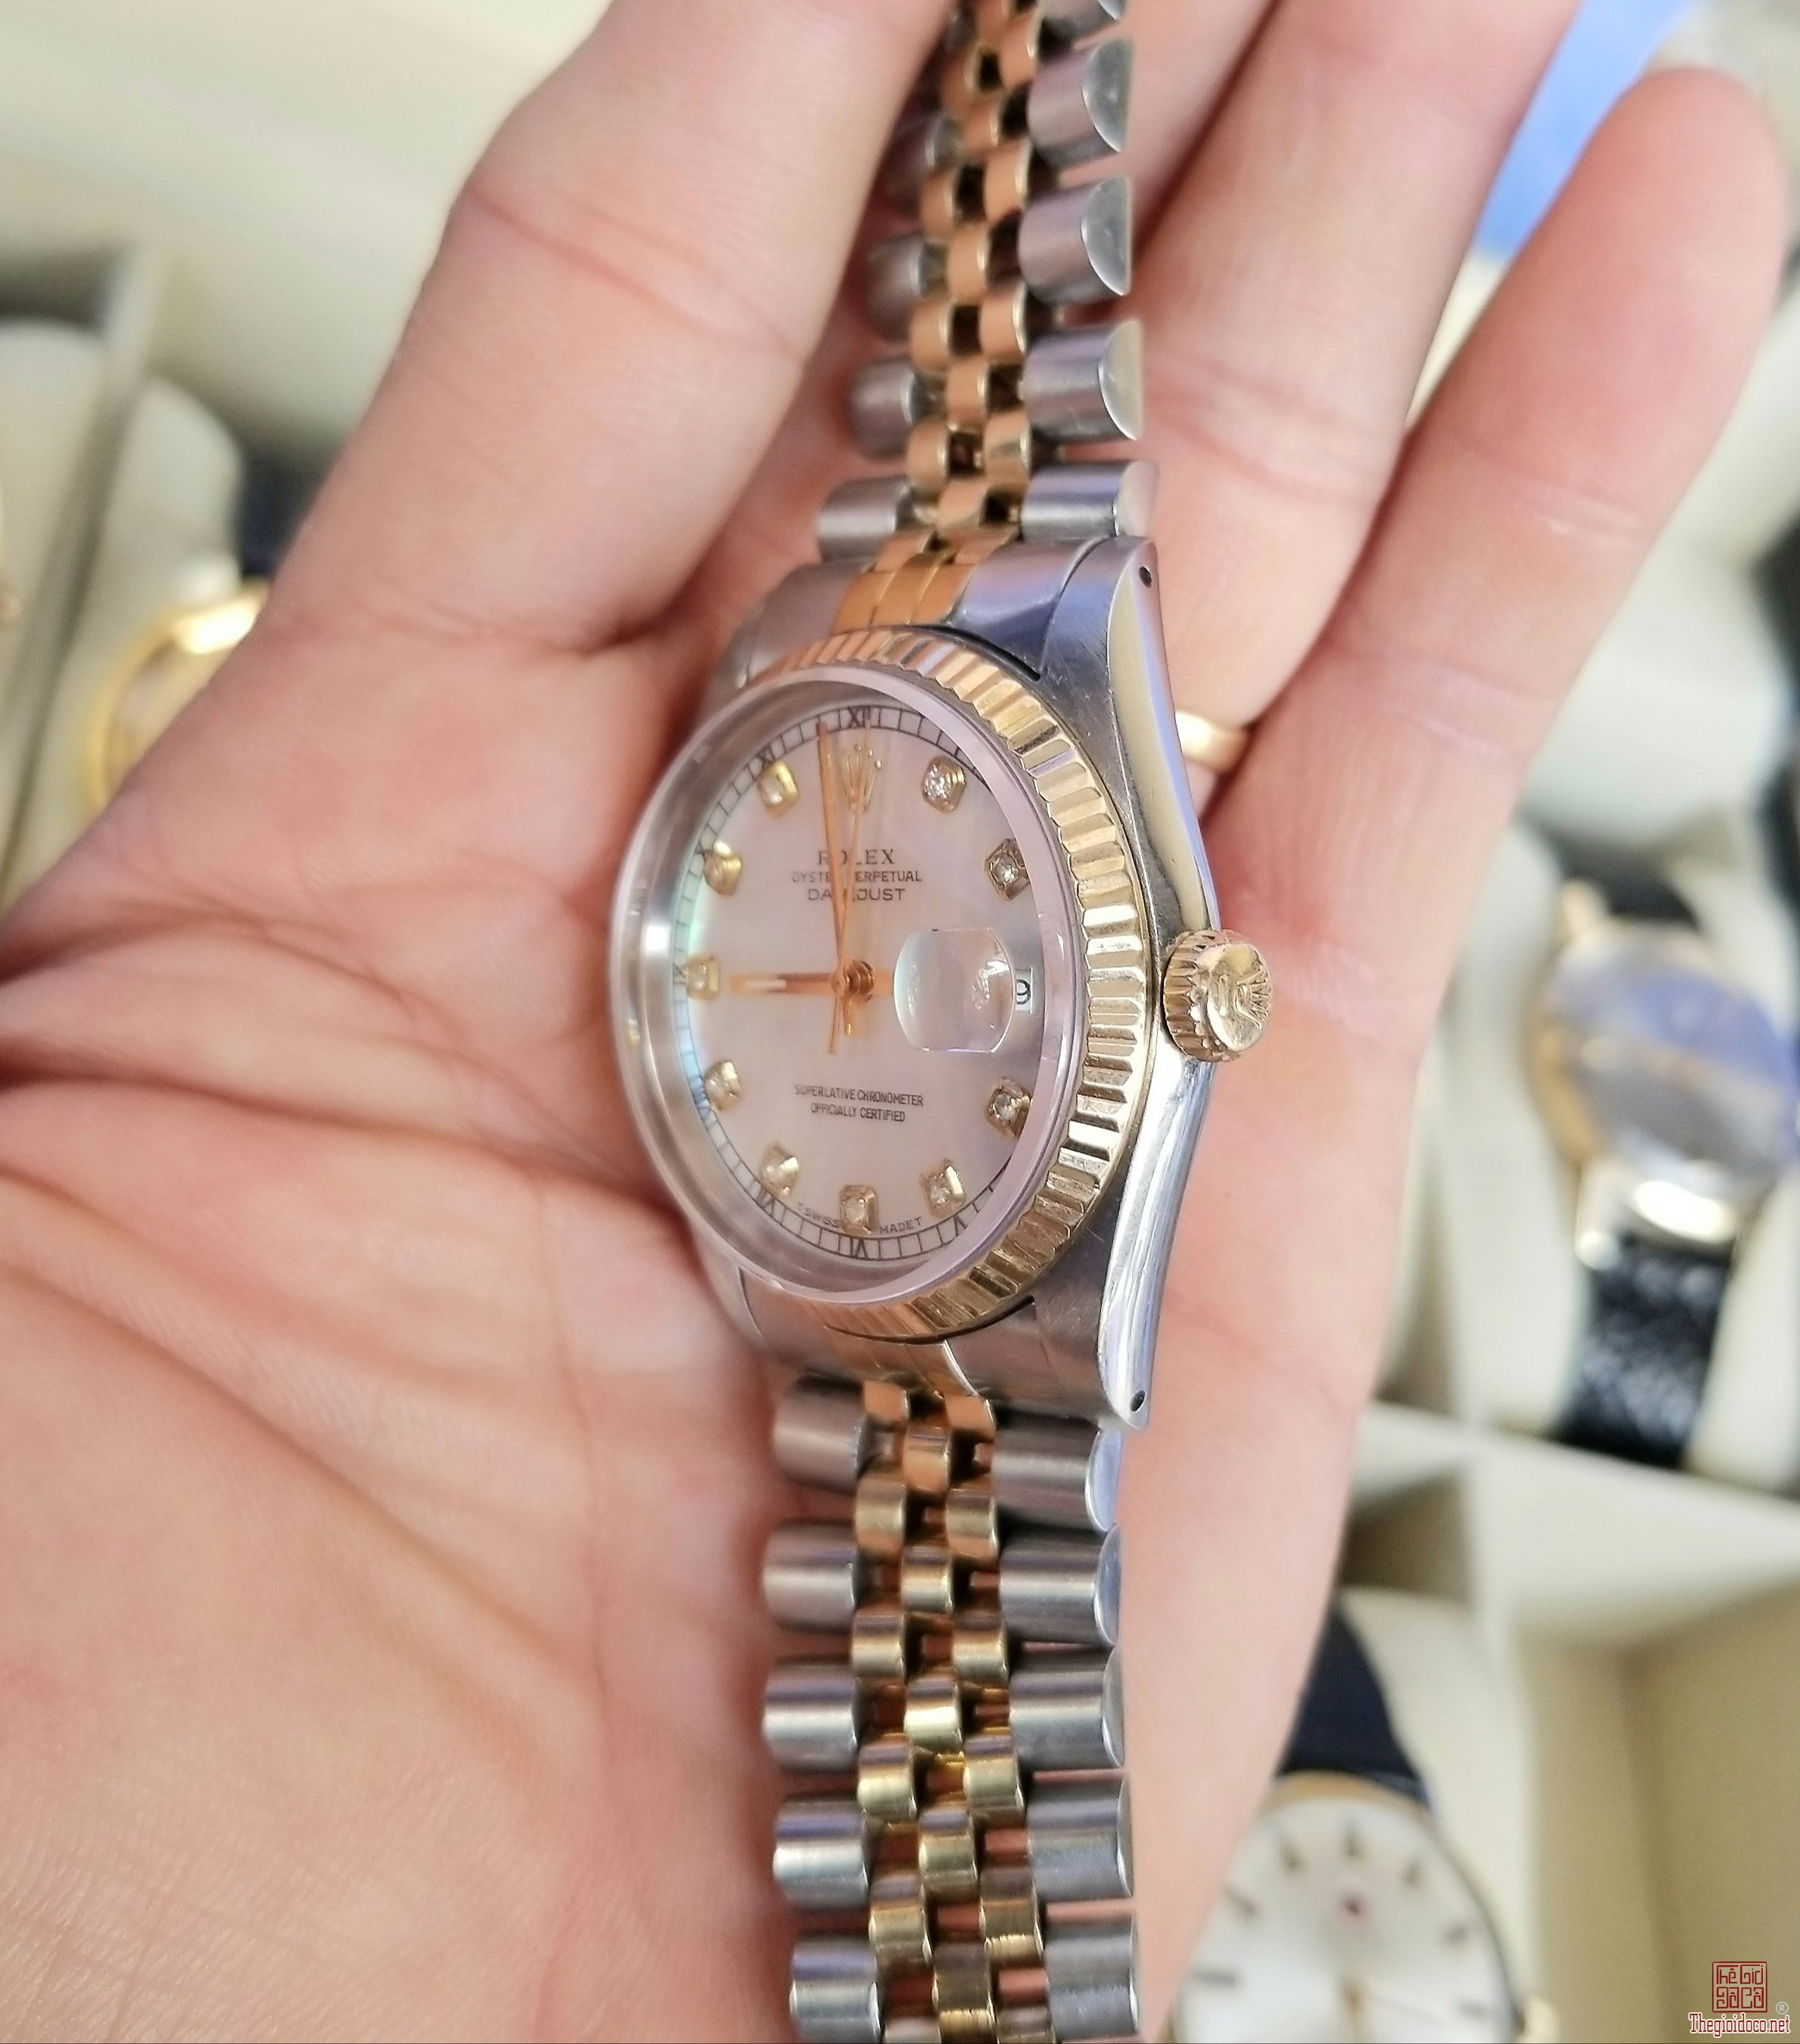 Đồng hồ tự động ROLEX 16233 Thụy Sỹ